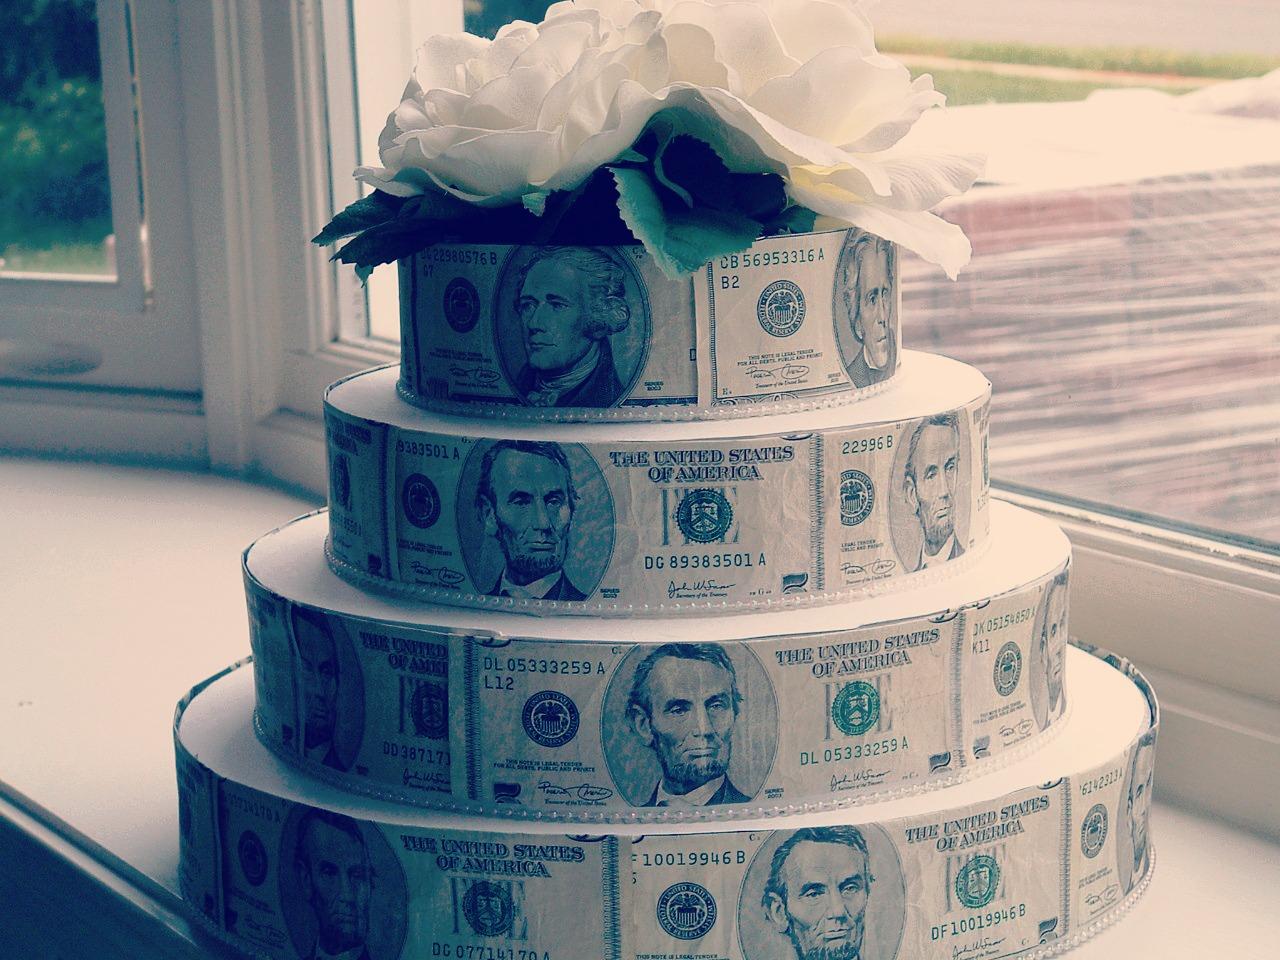 даже поздравления с днем рождения деньги шары торт в квартире нас магазине